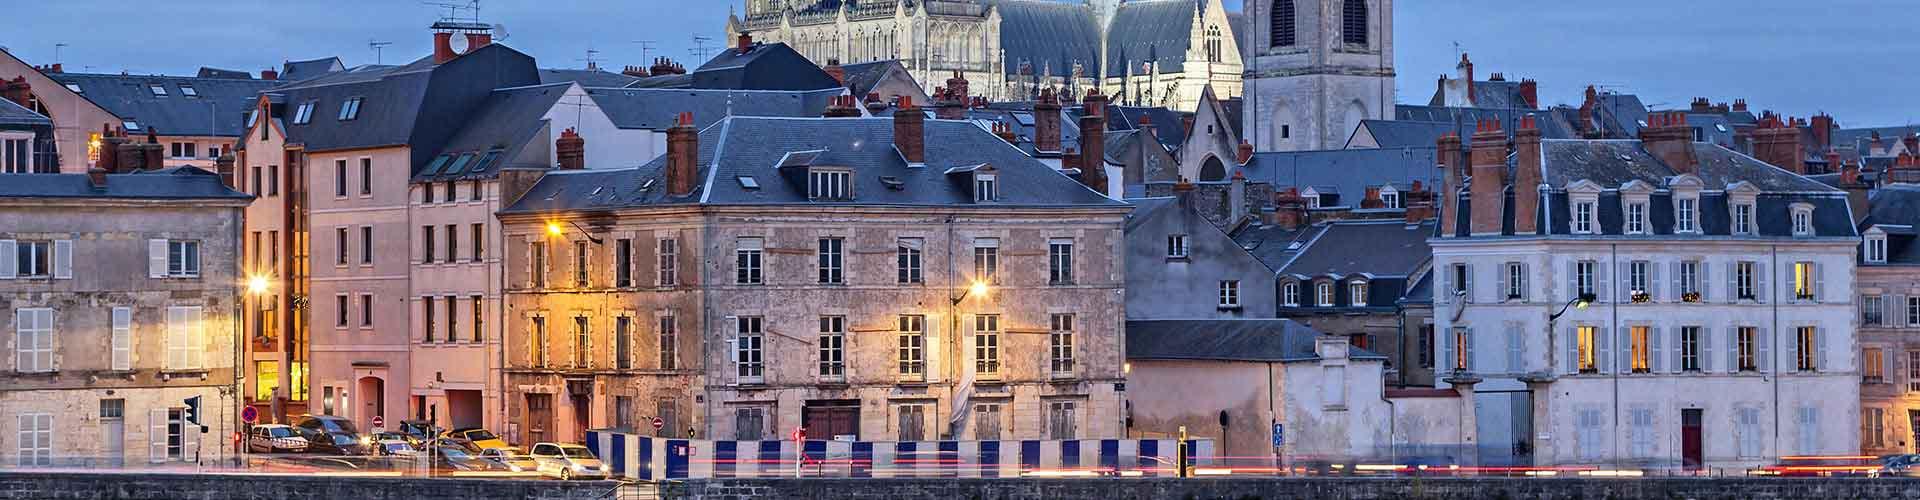 EDF Orléans : comment faire baisser ses factures énergétiques ?